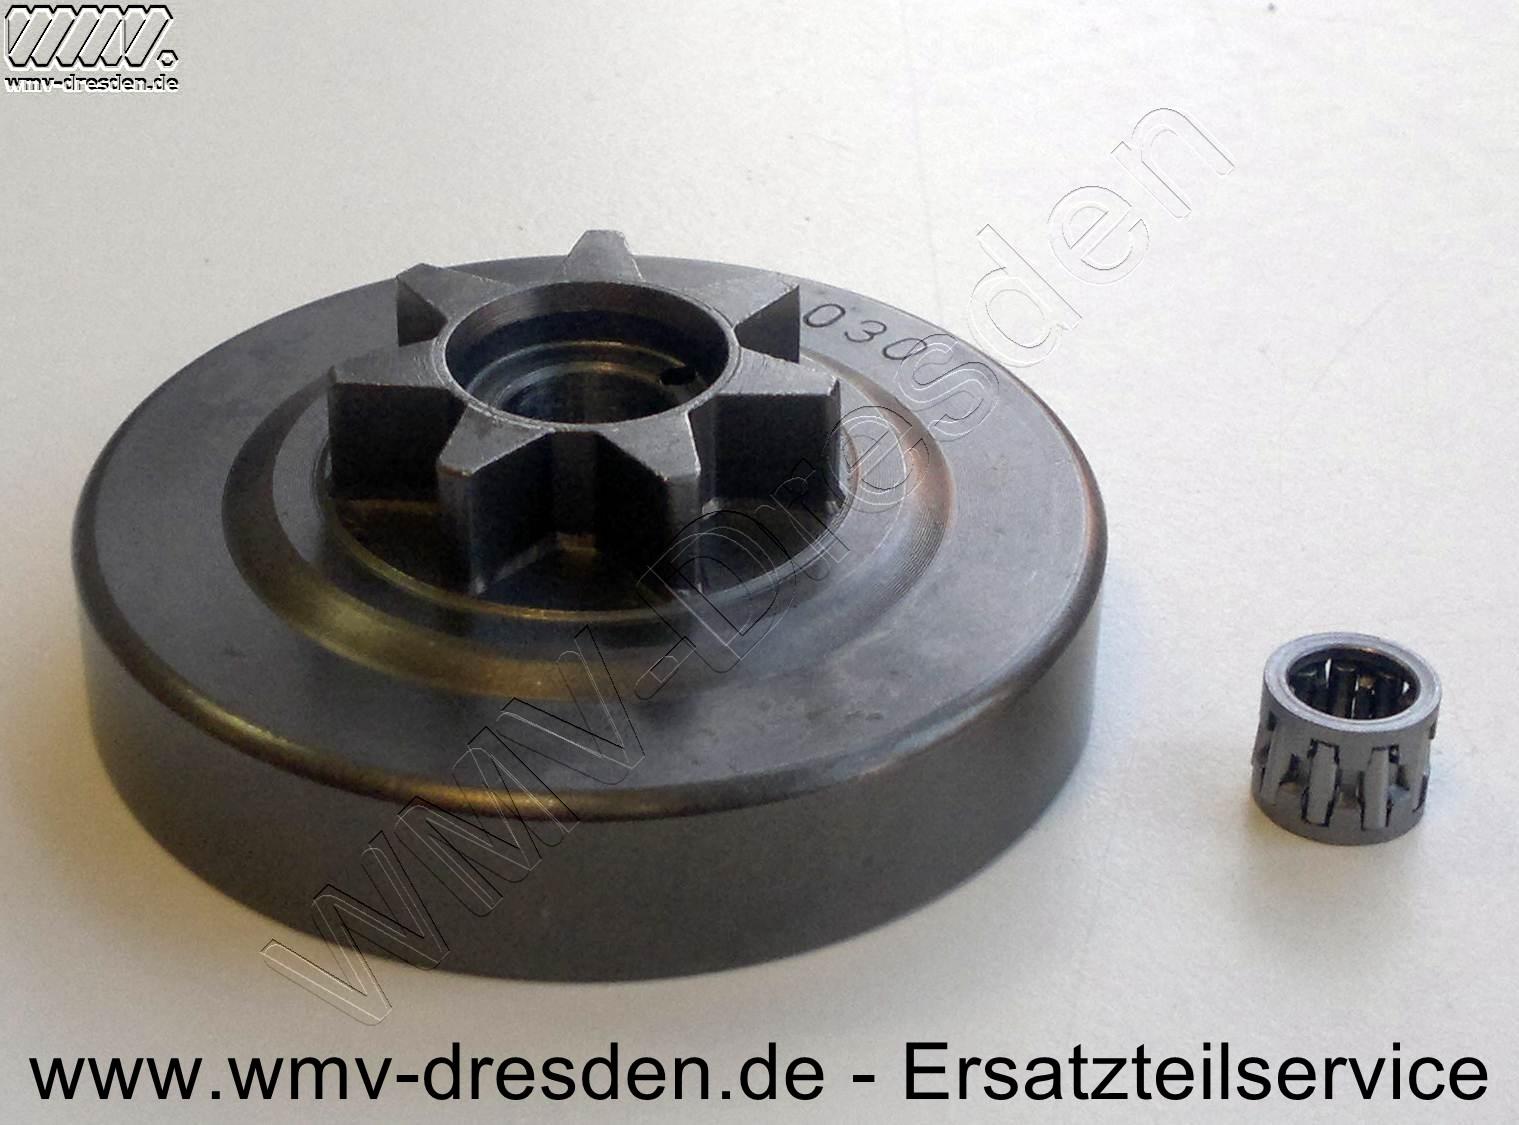 Kettenrad für Dolmar 103/105/108 - 3/8 Zoll, 7 Zähne inkl. Nadellager